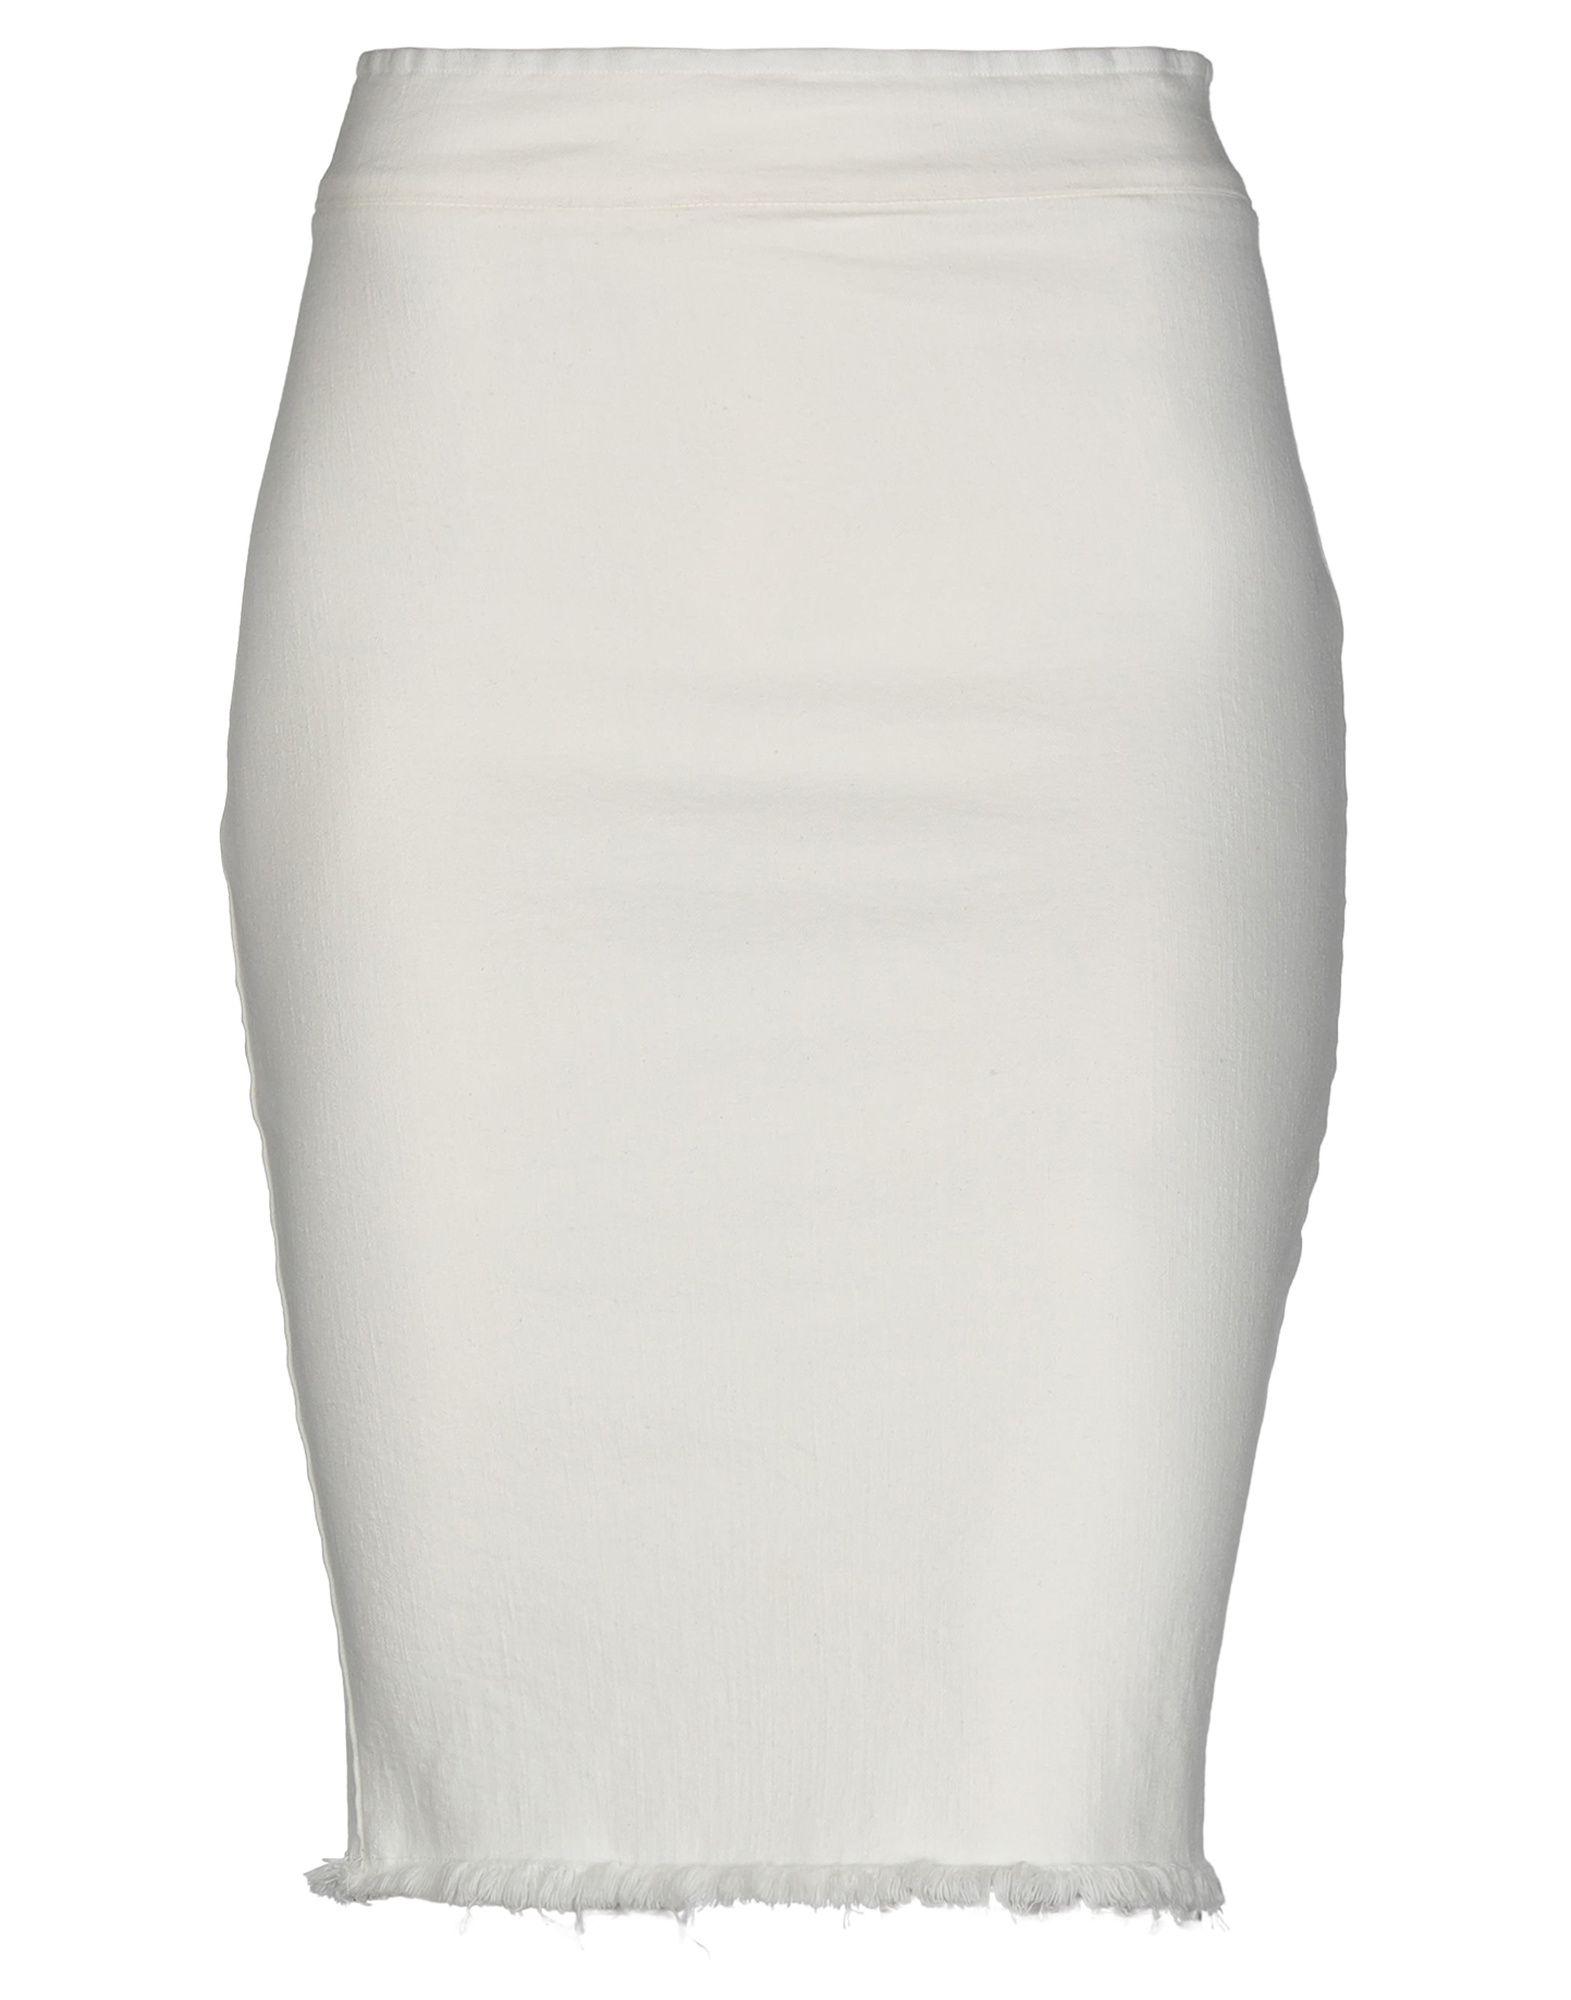 AVENUE MONTAIGNE Джинсовая юбка leg avenue медсестра супер элегантный и эротичный наряд